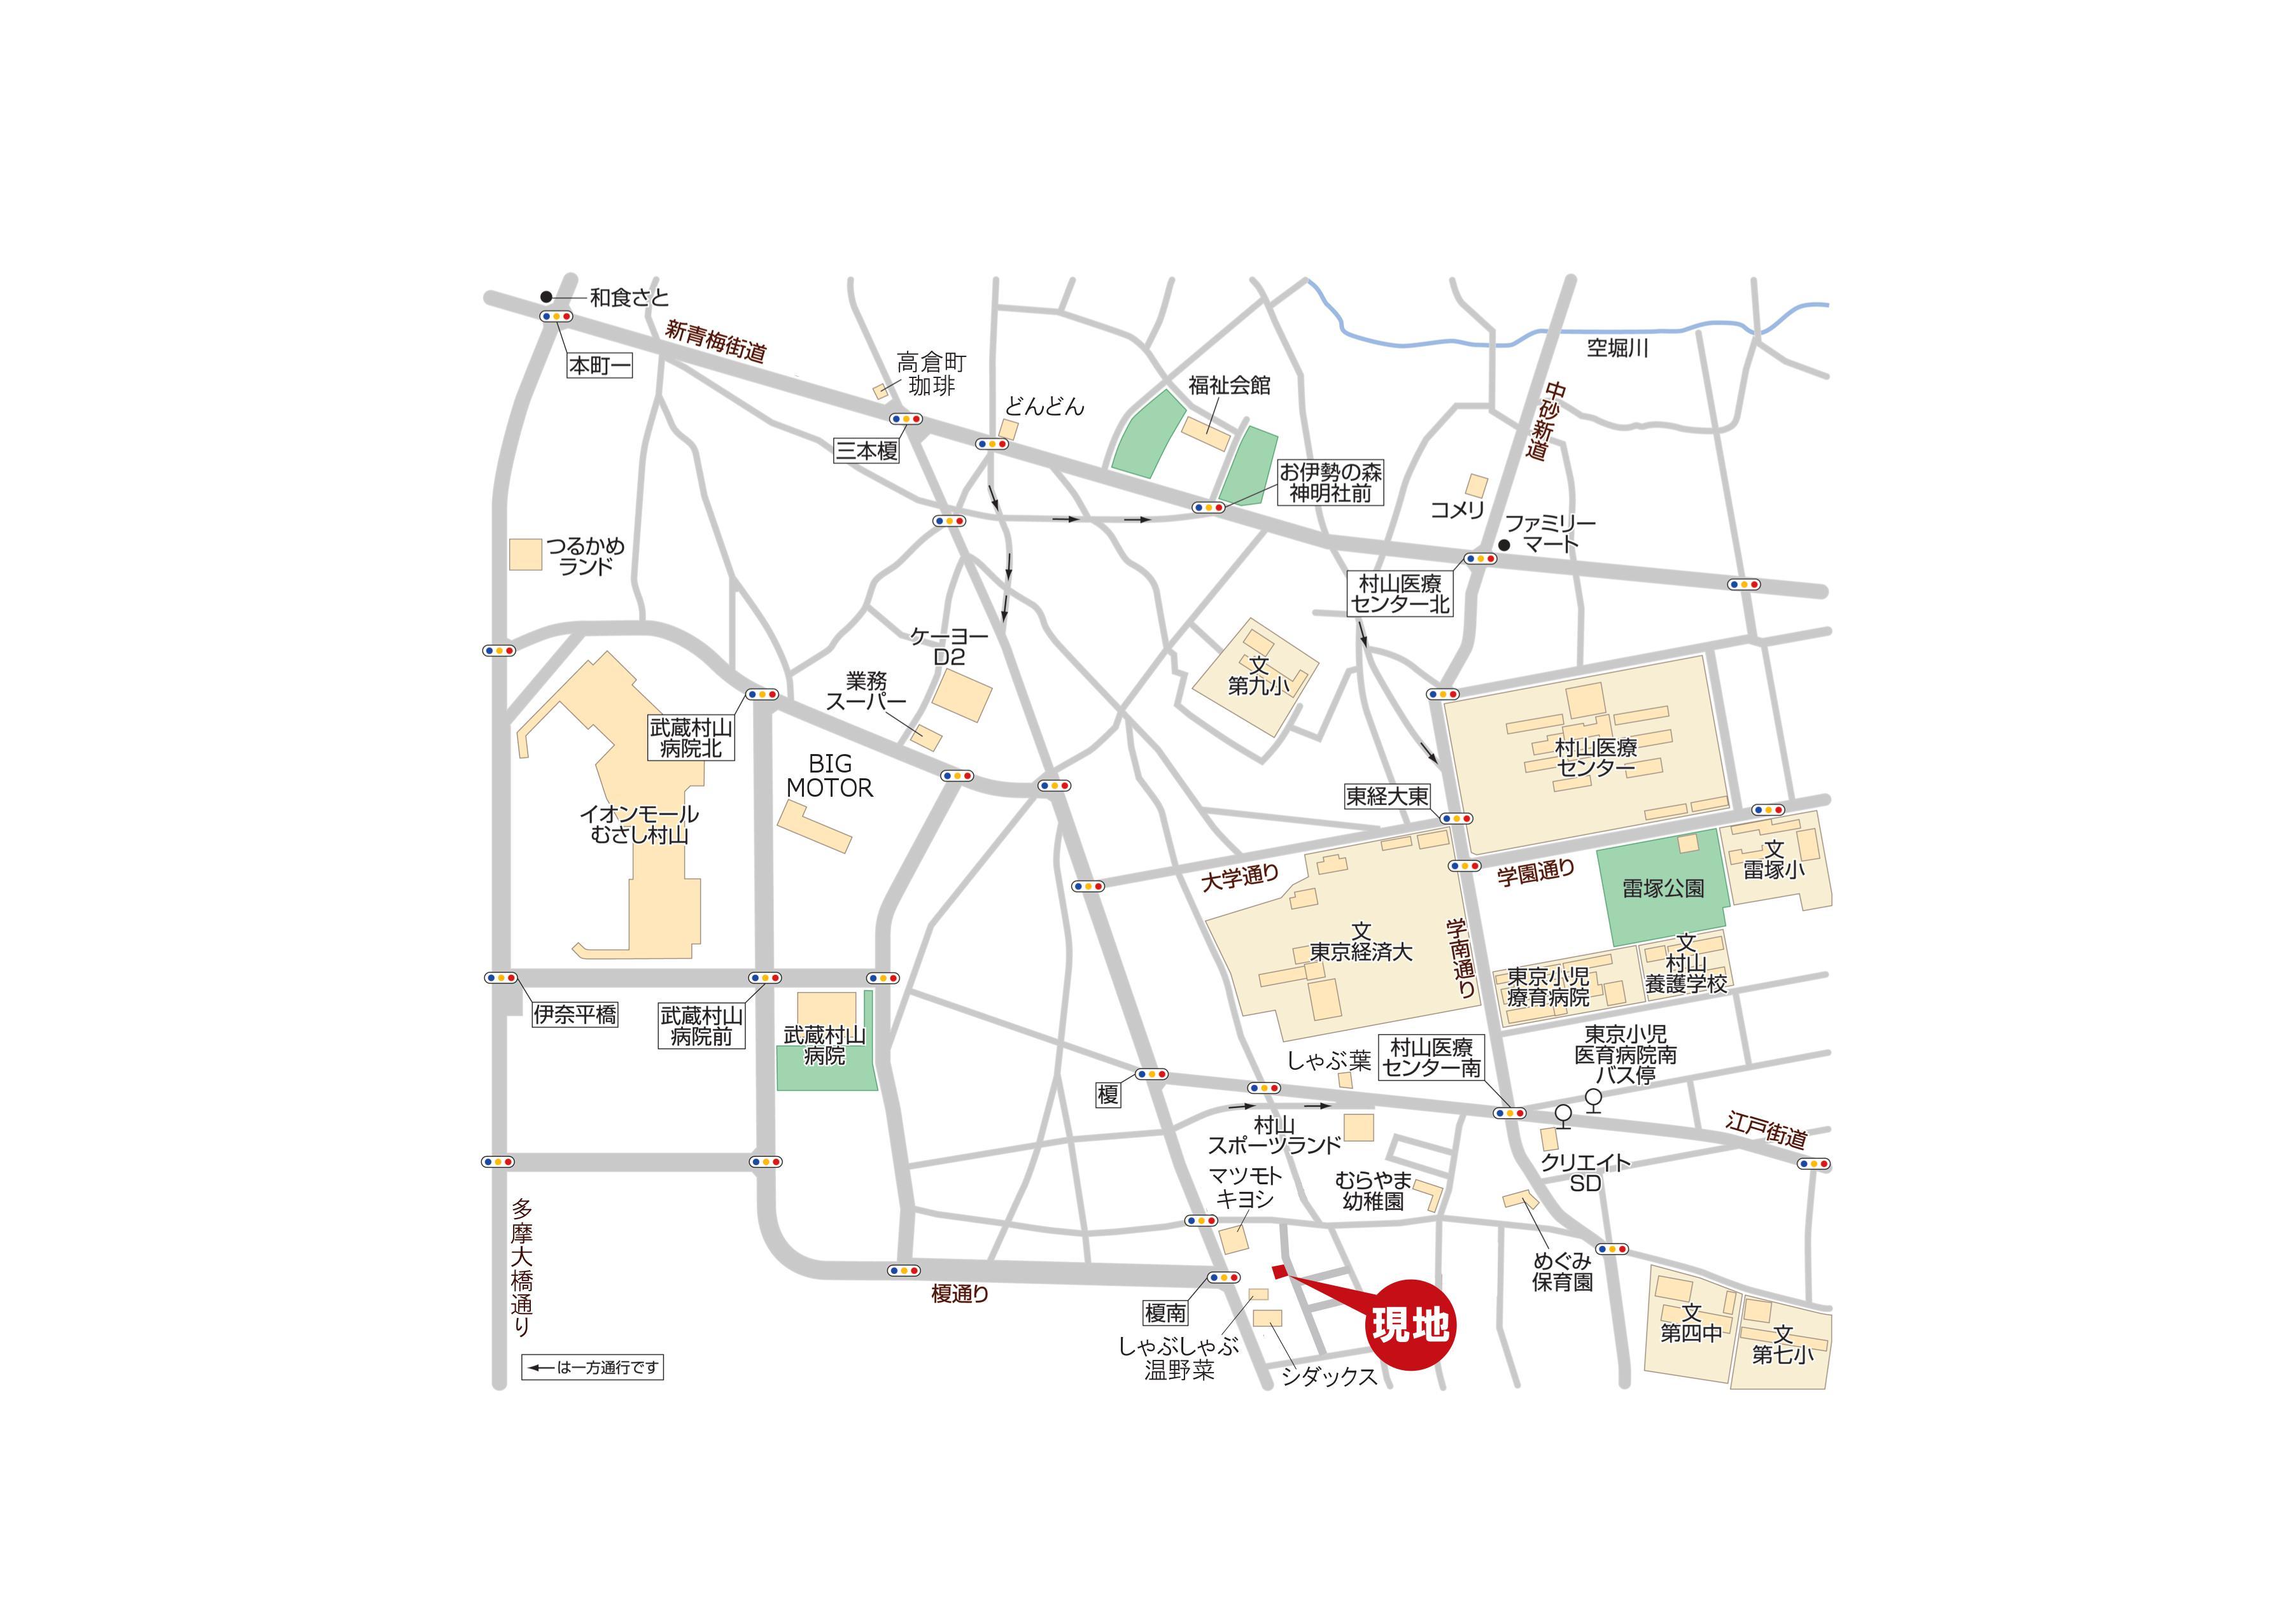 売 地 全1区画 武蔵村山市大南1丁目 終了いたしました。マップ